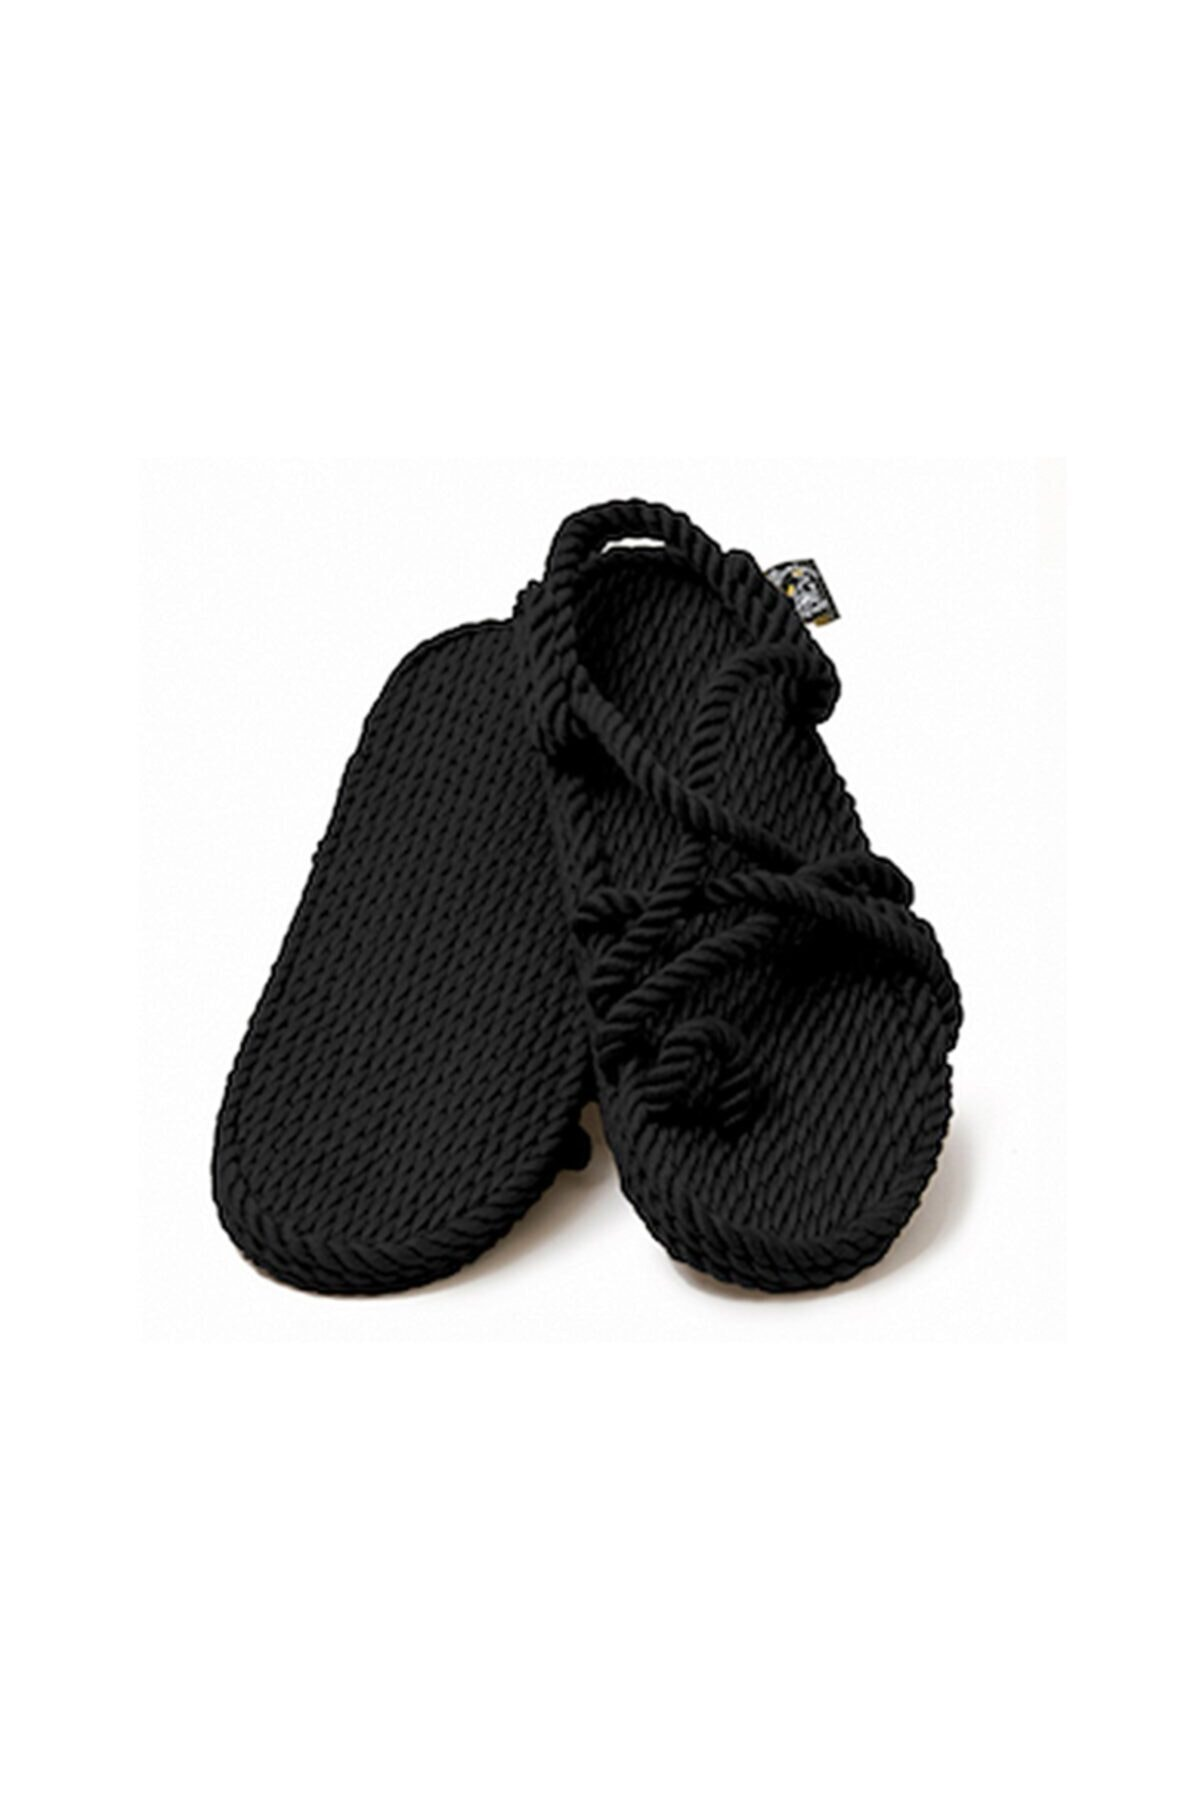 Nomadic State Of Mind - Toe Joe Siyah Hasır Ip Sandalet 1